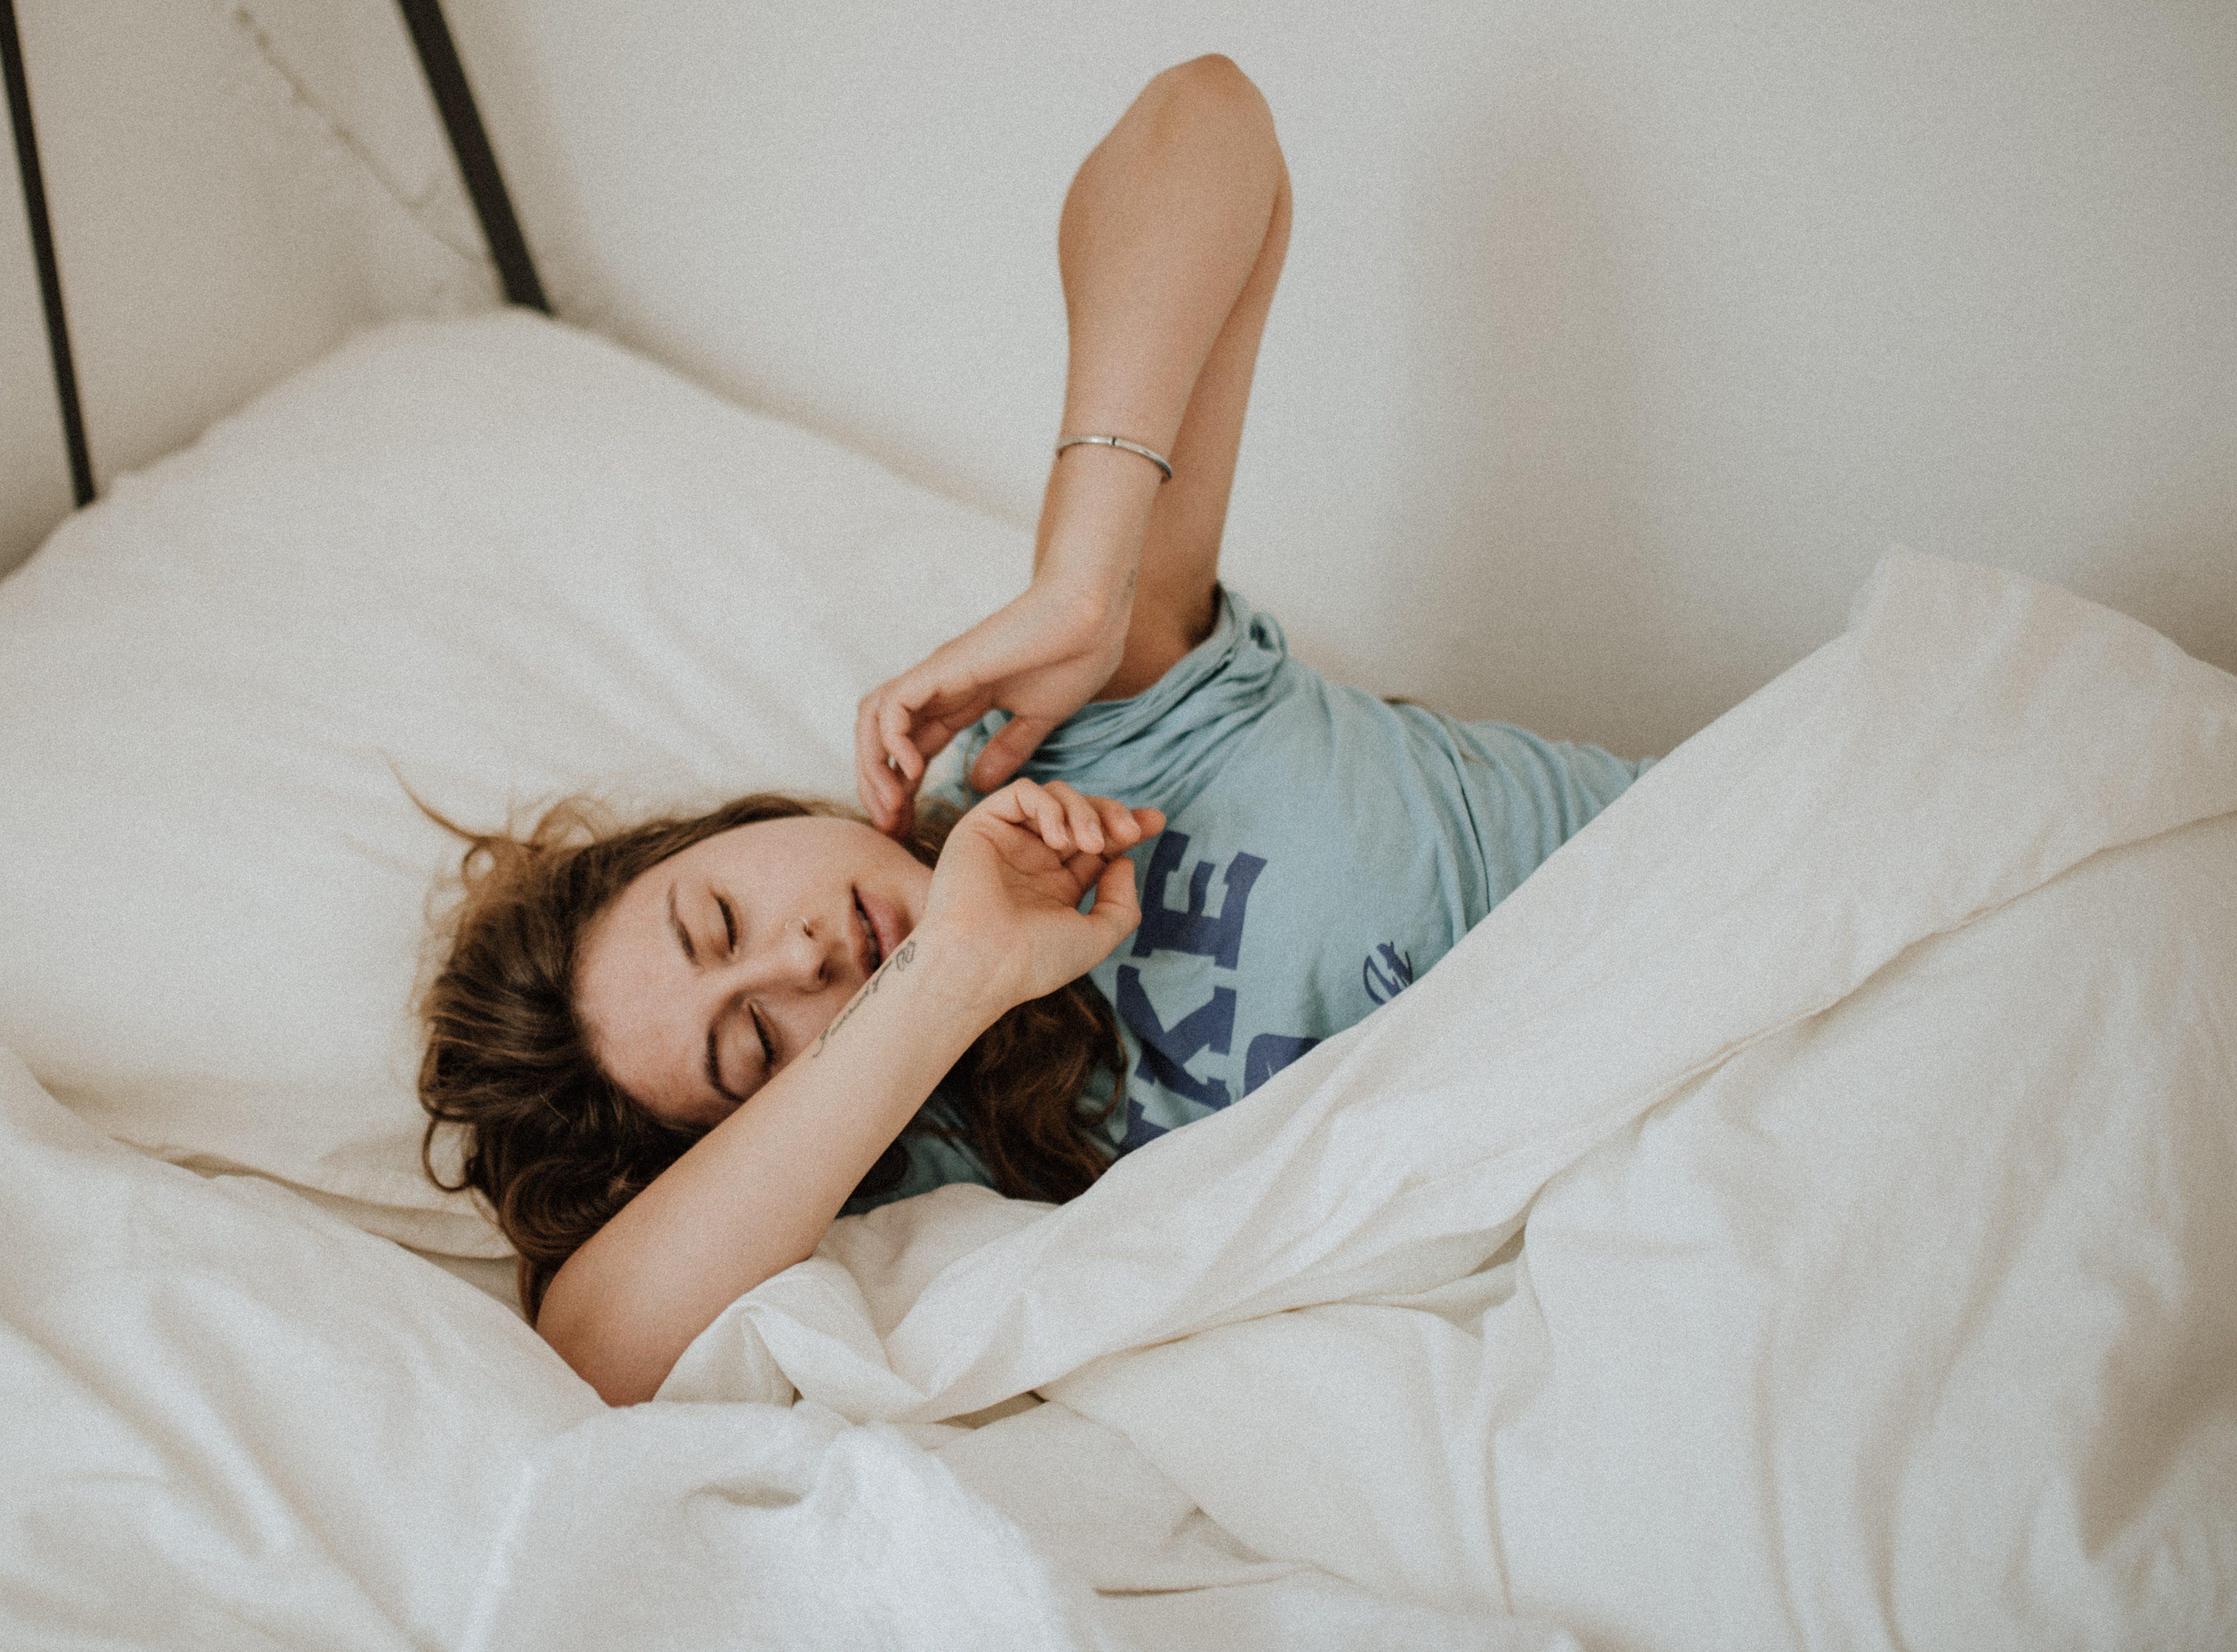 En tjej som ligger i en säng med vita lakan. Hon har brunt hår och en ljusblå T-shirt på sig.